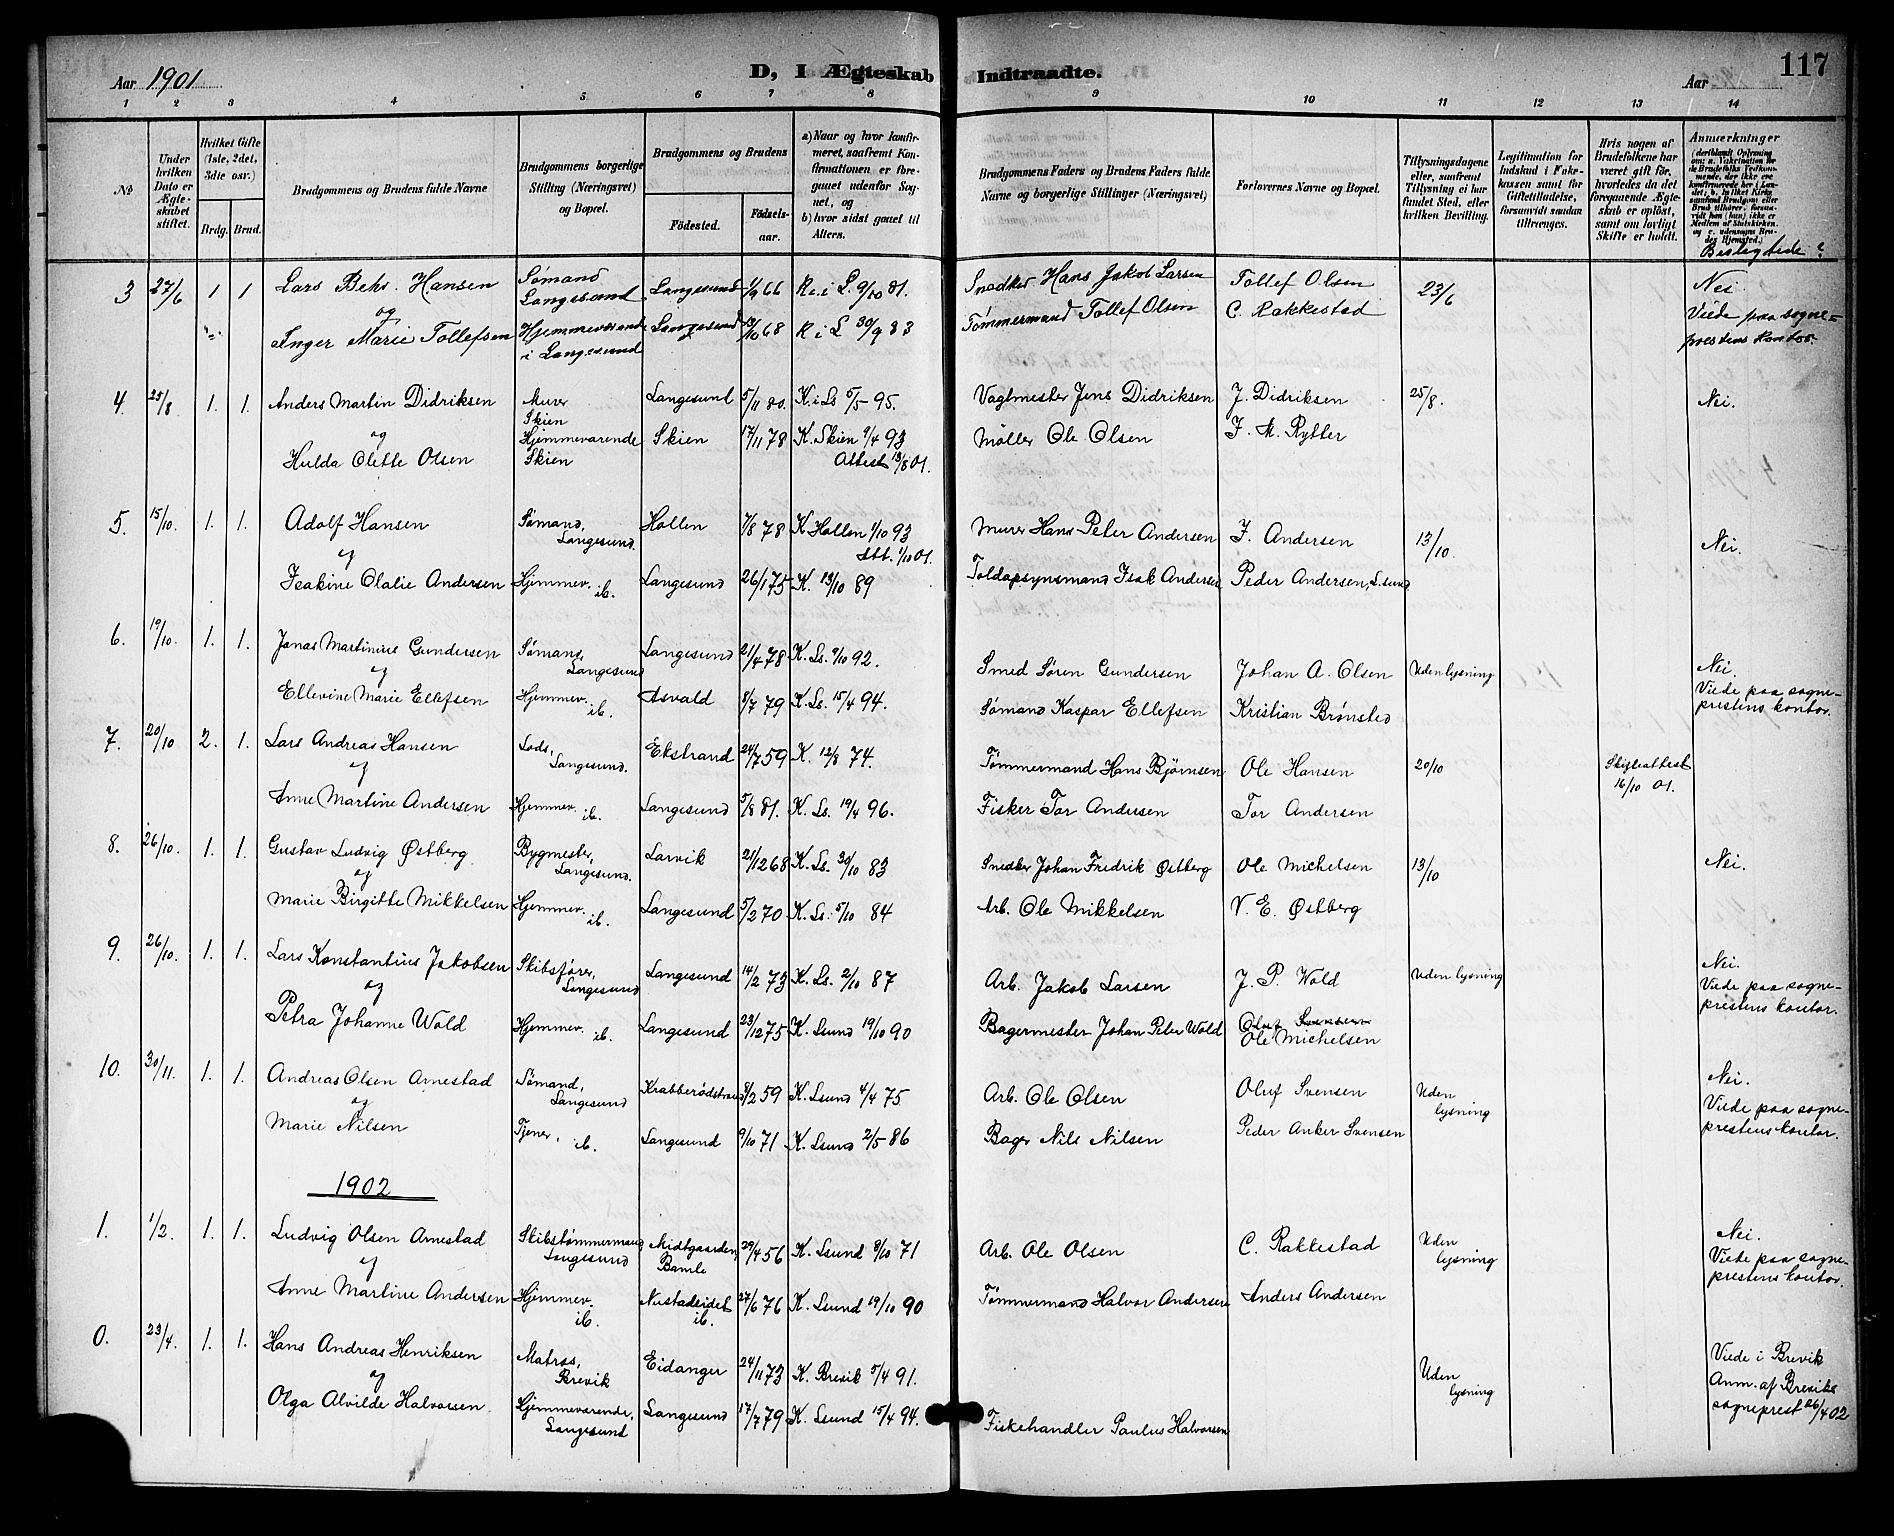 SAKO, Langesund kirkebøker, G/Ga/L0006: Klokkerbok nr. 6, 1899-1918, s. 117